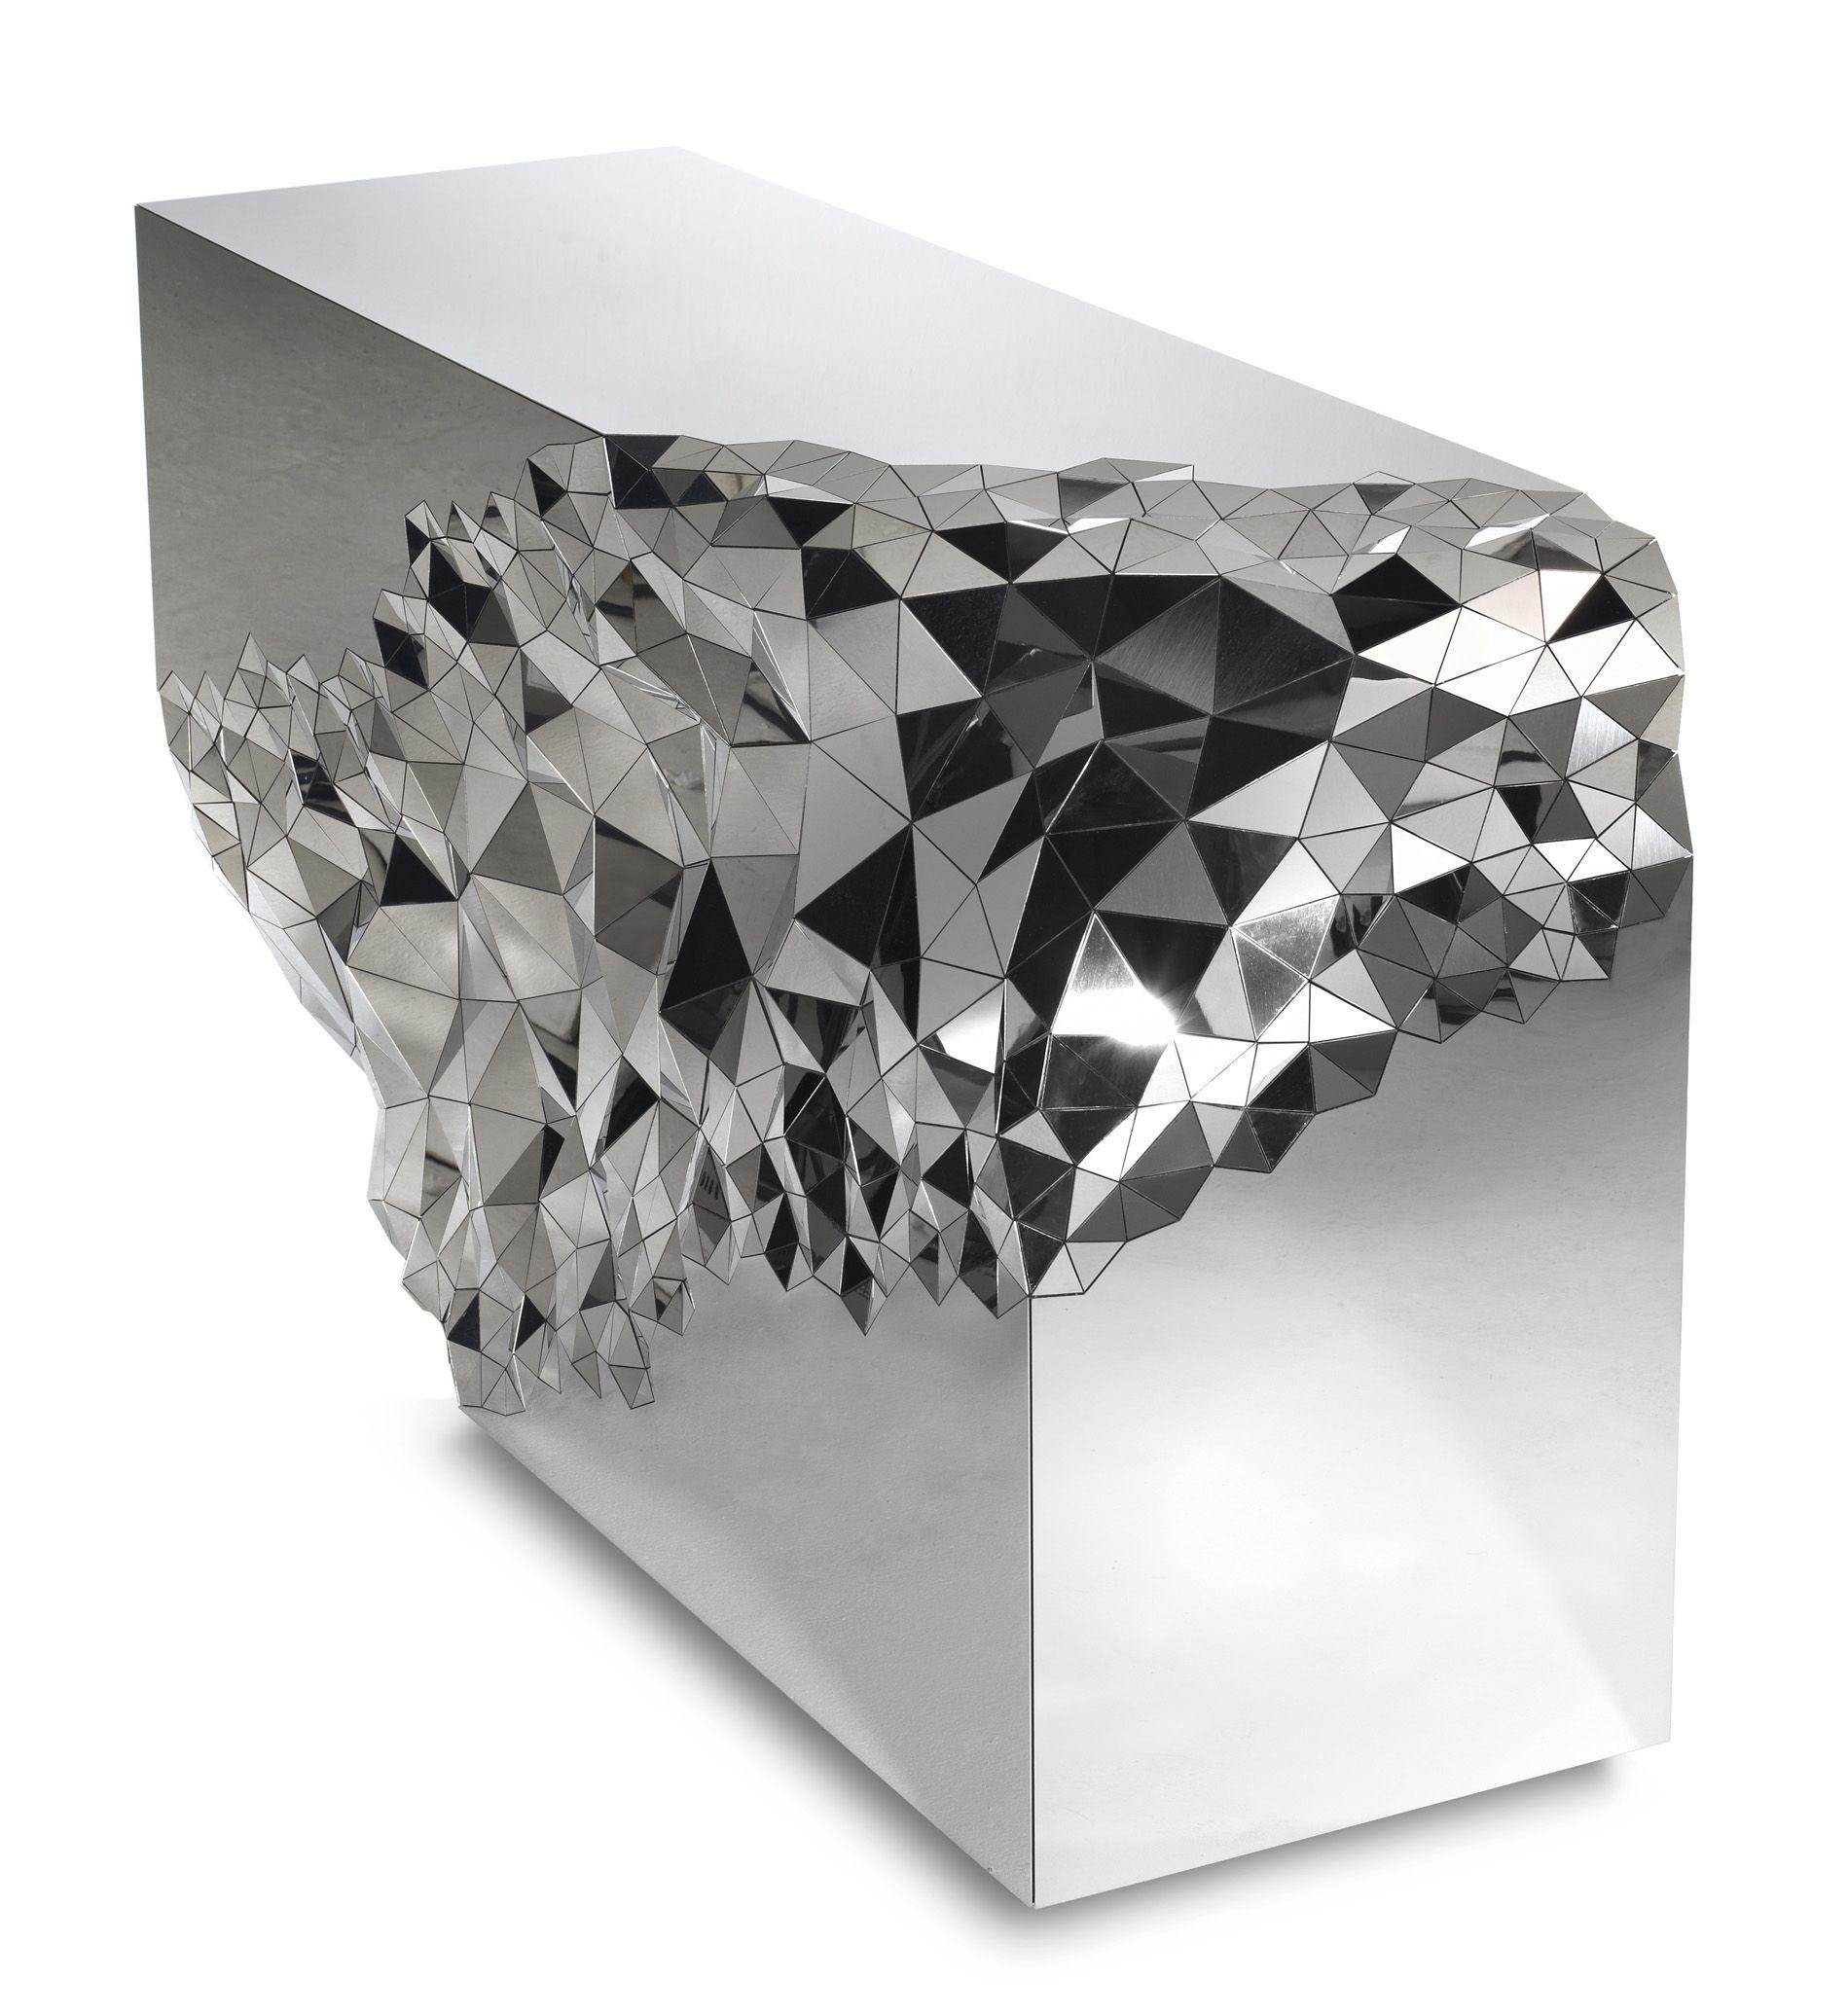 760d0a01afd65139bab2a04cf3a223f9 Luxe De Table Basse Montagne Concept